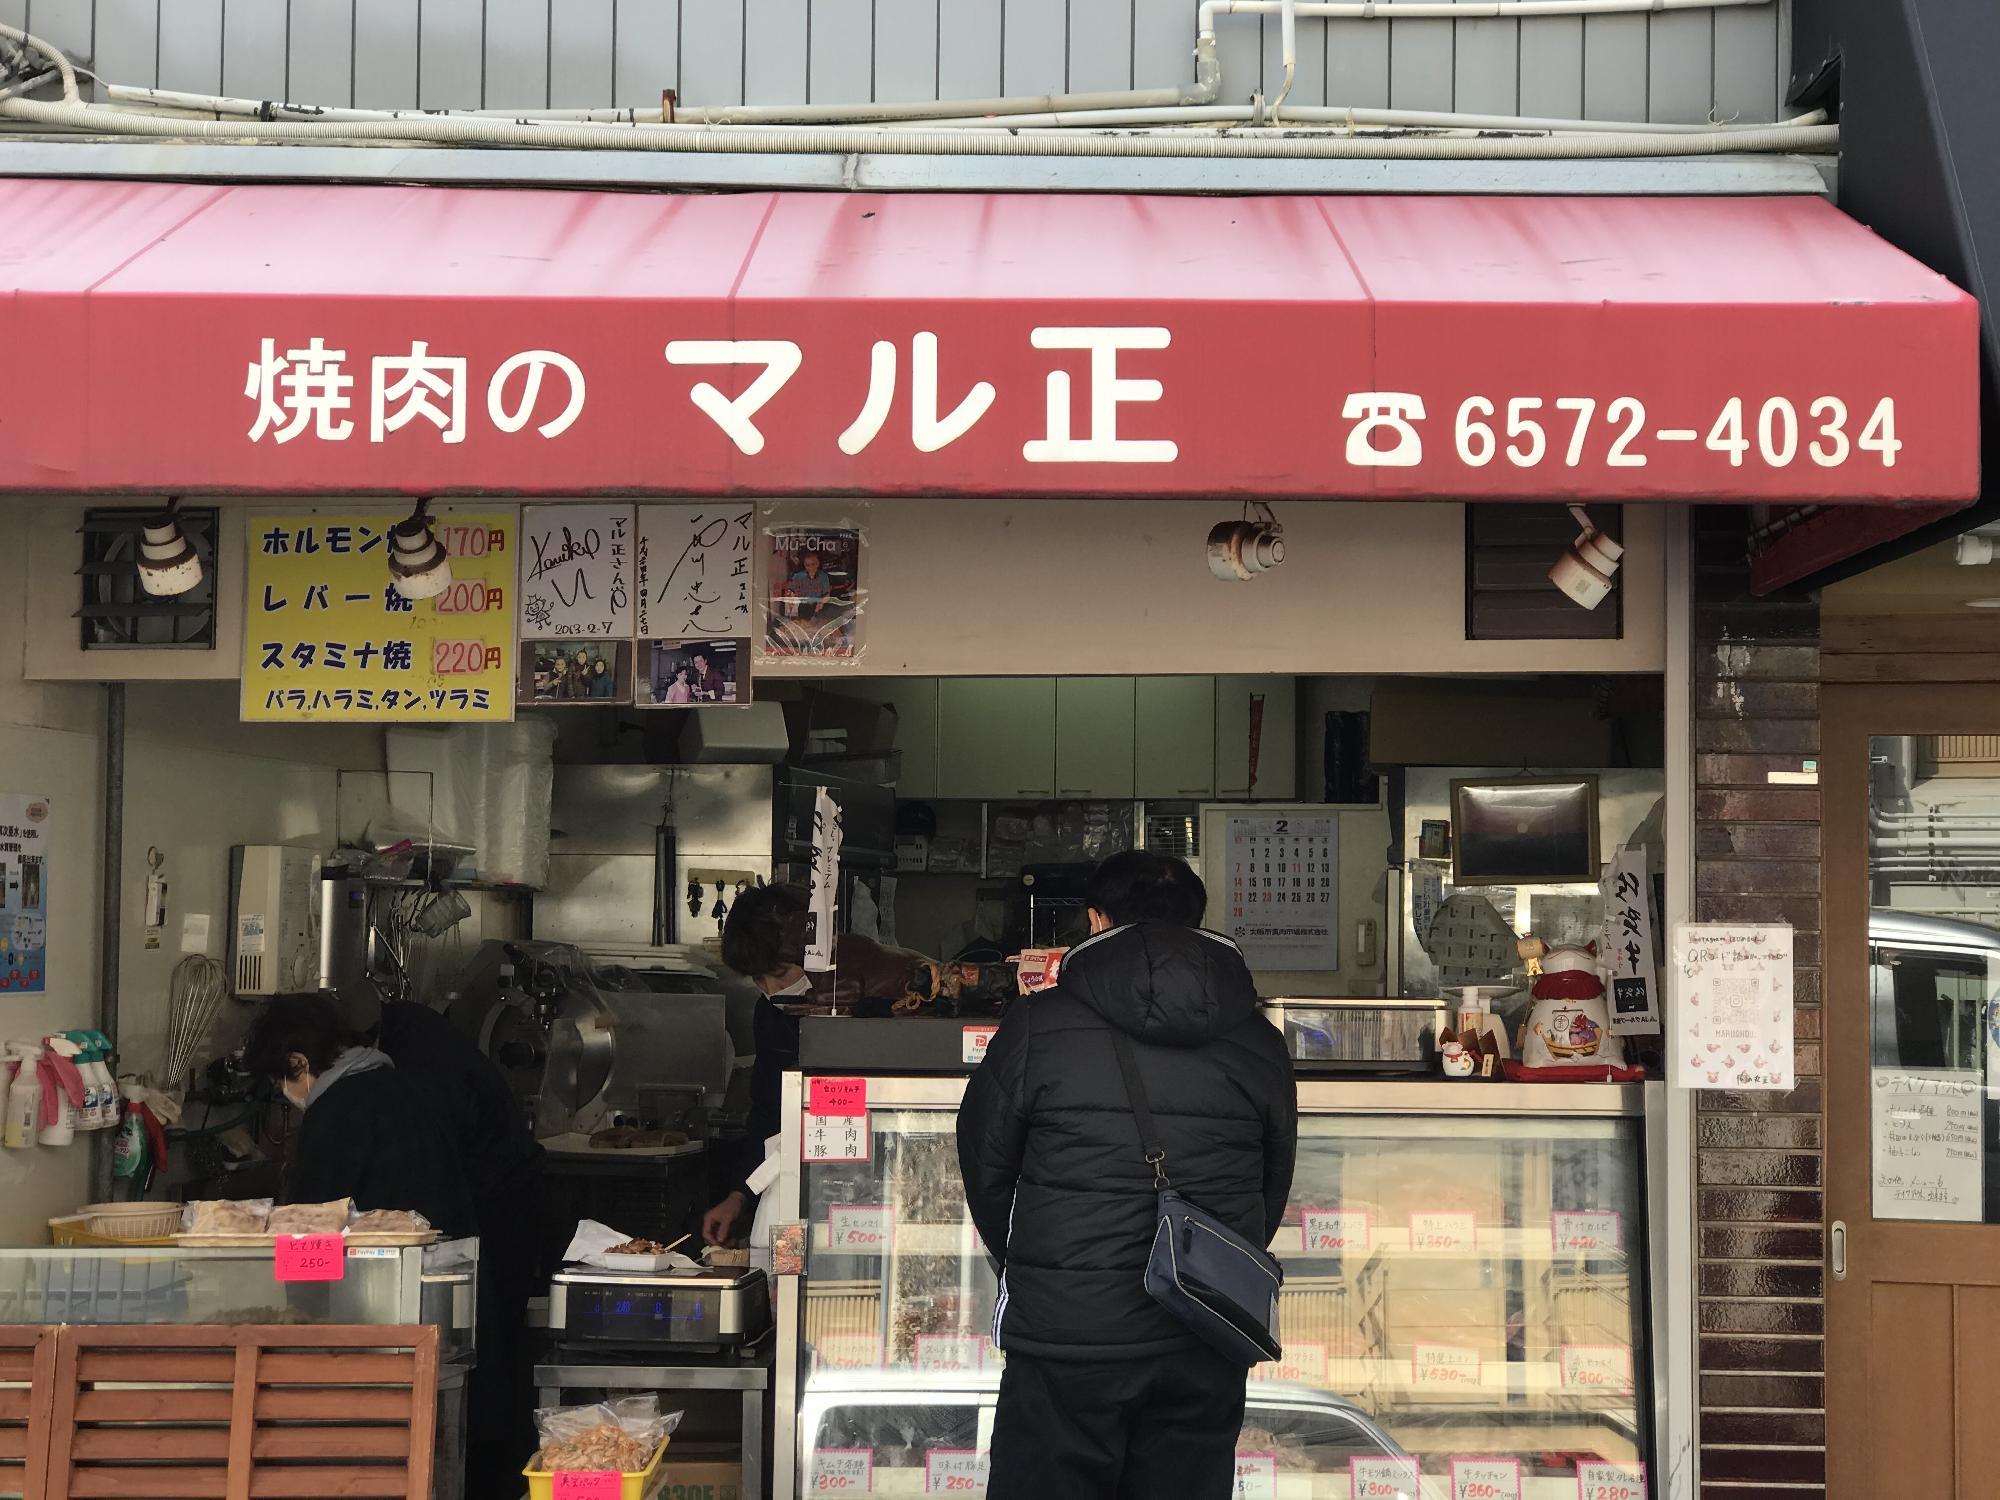 朝潮橋 「肉のマル正」さんの絶品ホルモン_画像